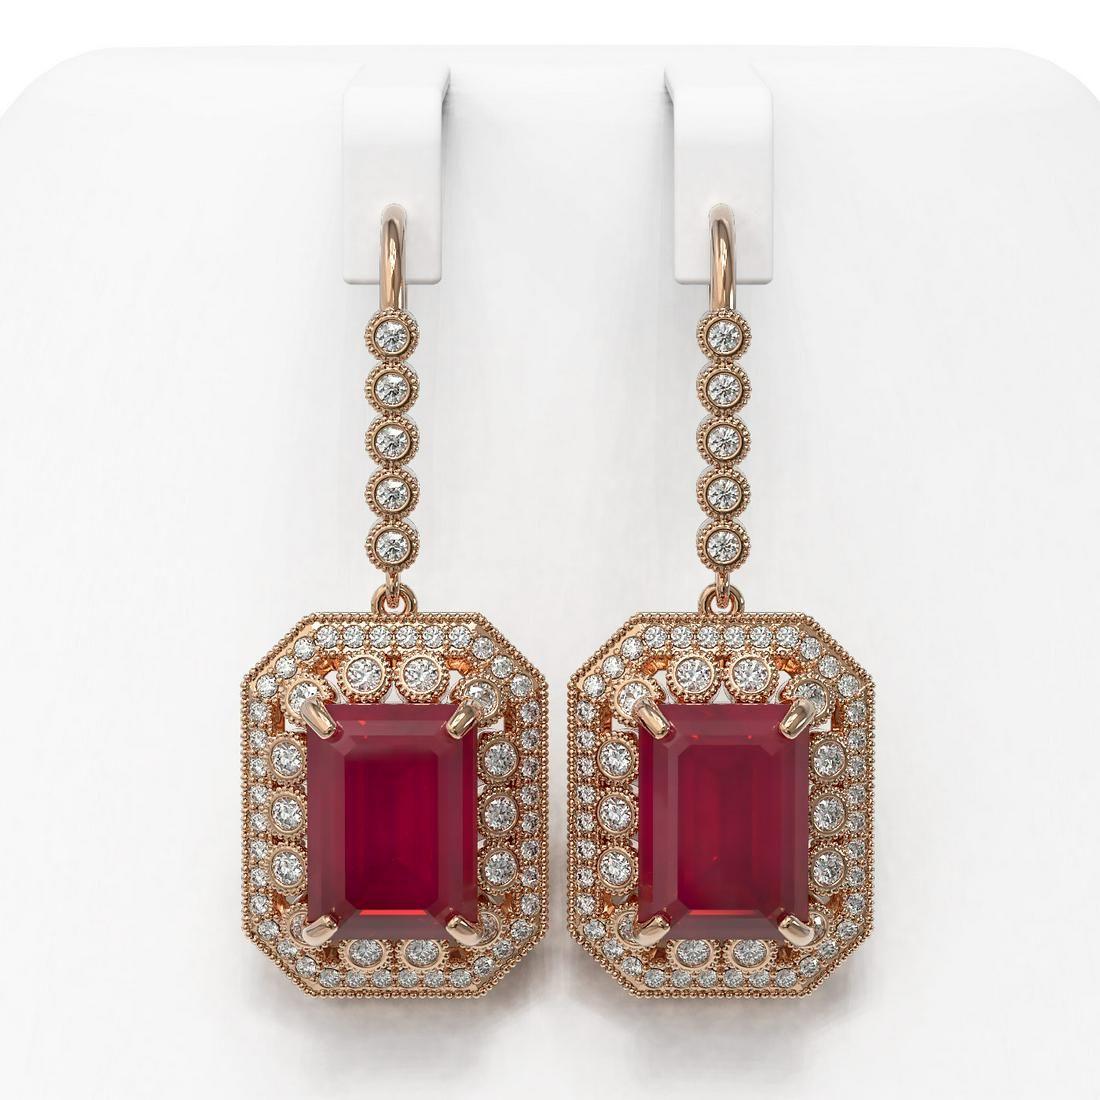 23.79 ctw Certified Ruby & Diamond Victorian Earrings